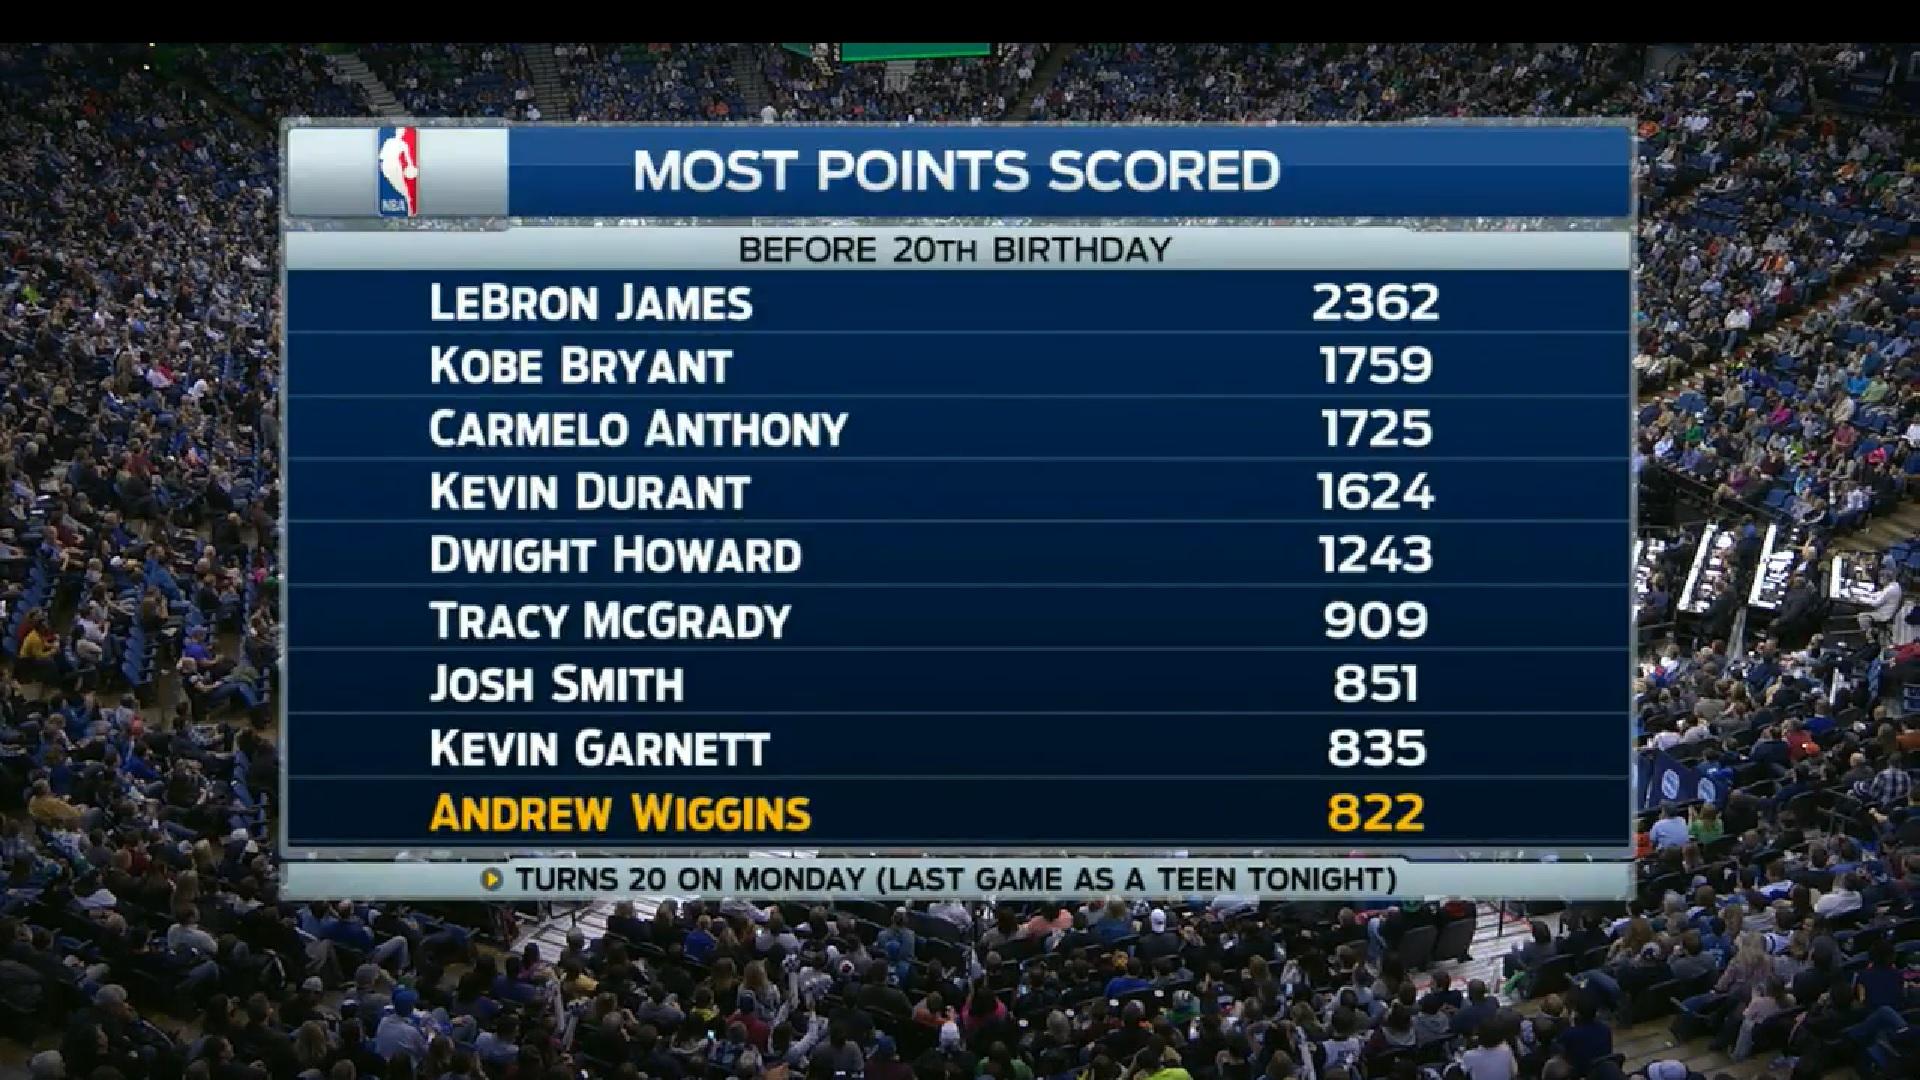 Wiggins - 826 pontos antes dos 20 anos